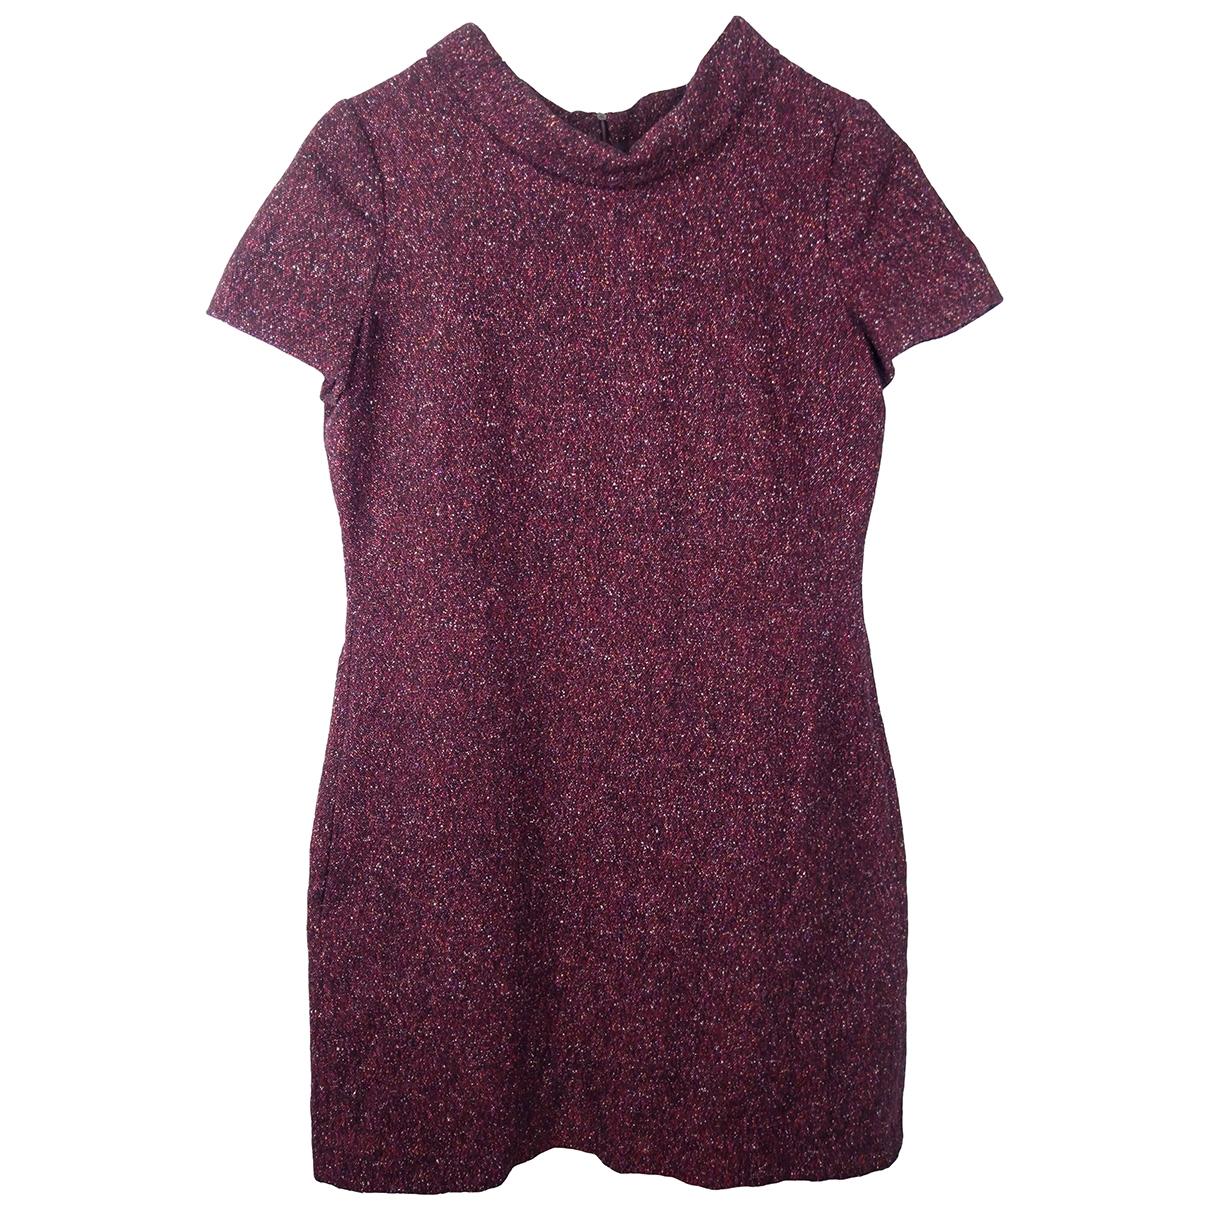 Hobbs \N Kleid in  Bunt Wolle